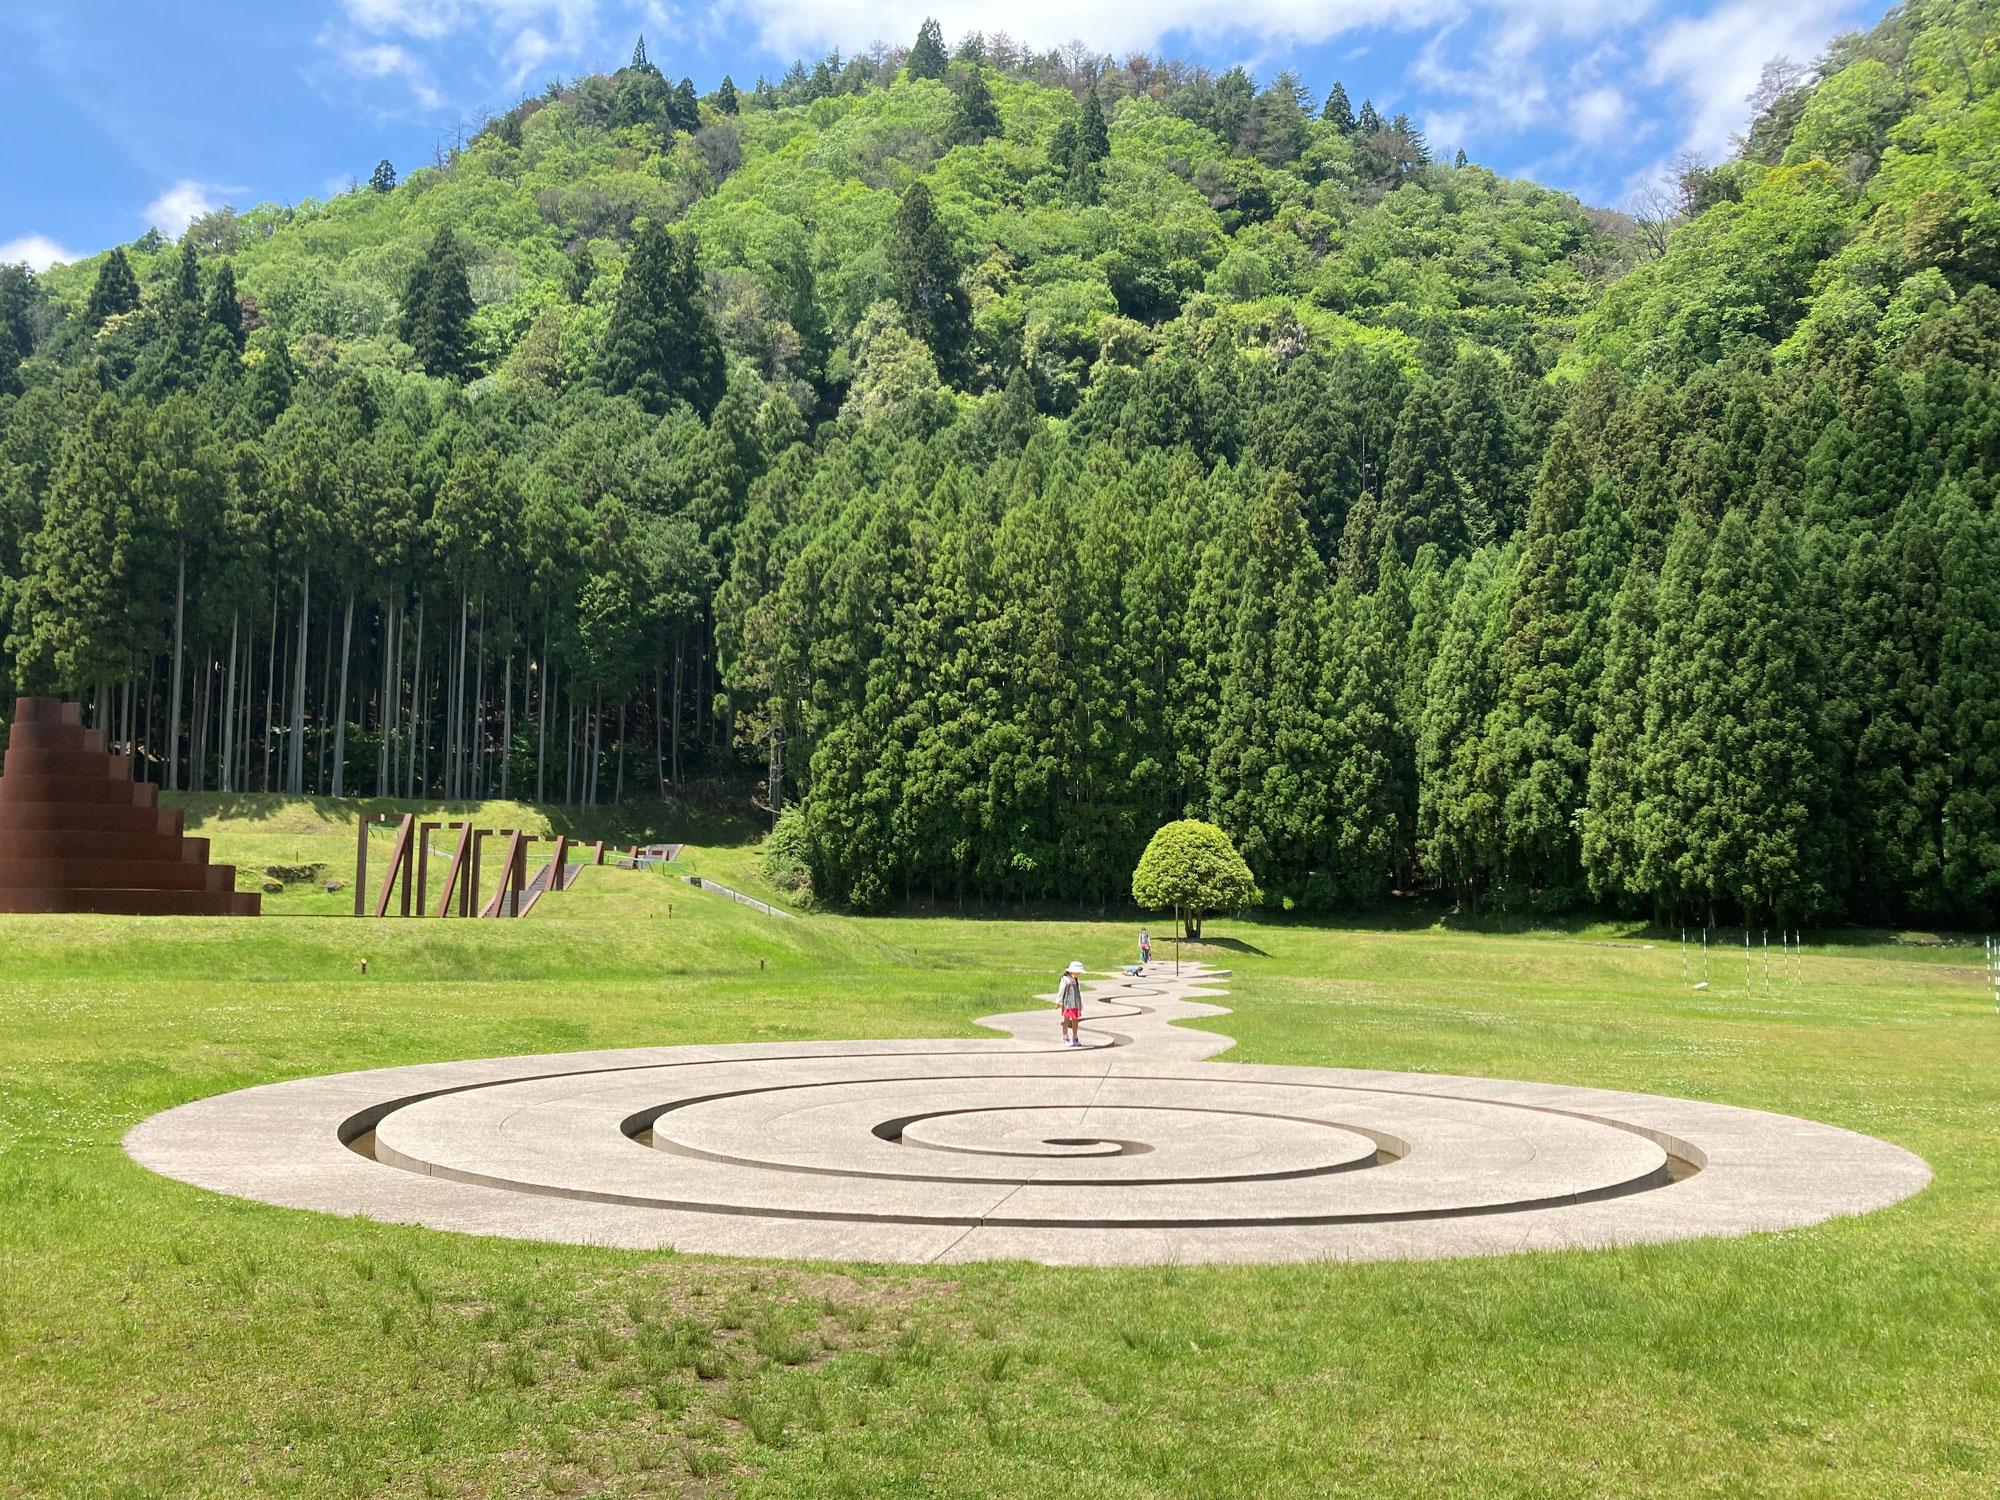 室生山上公園芸術の森でお散歩